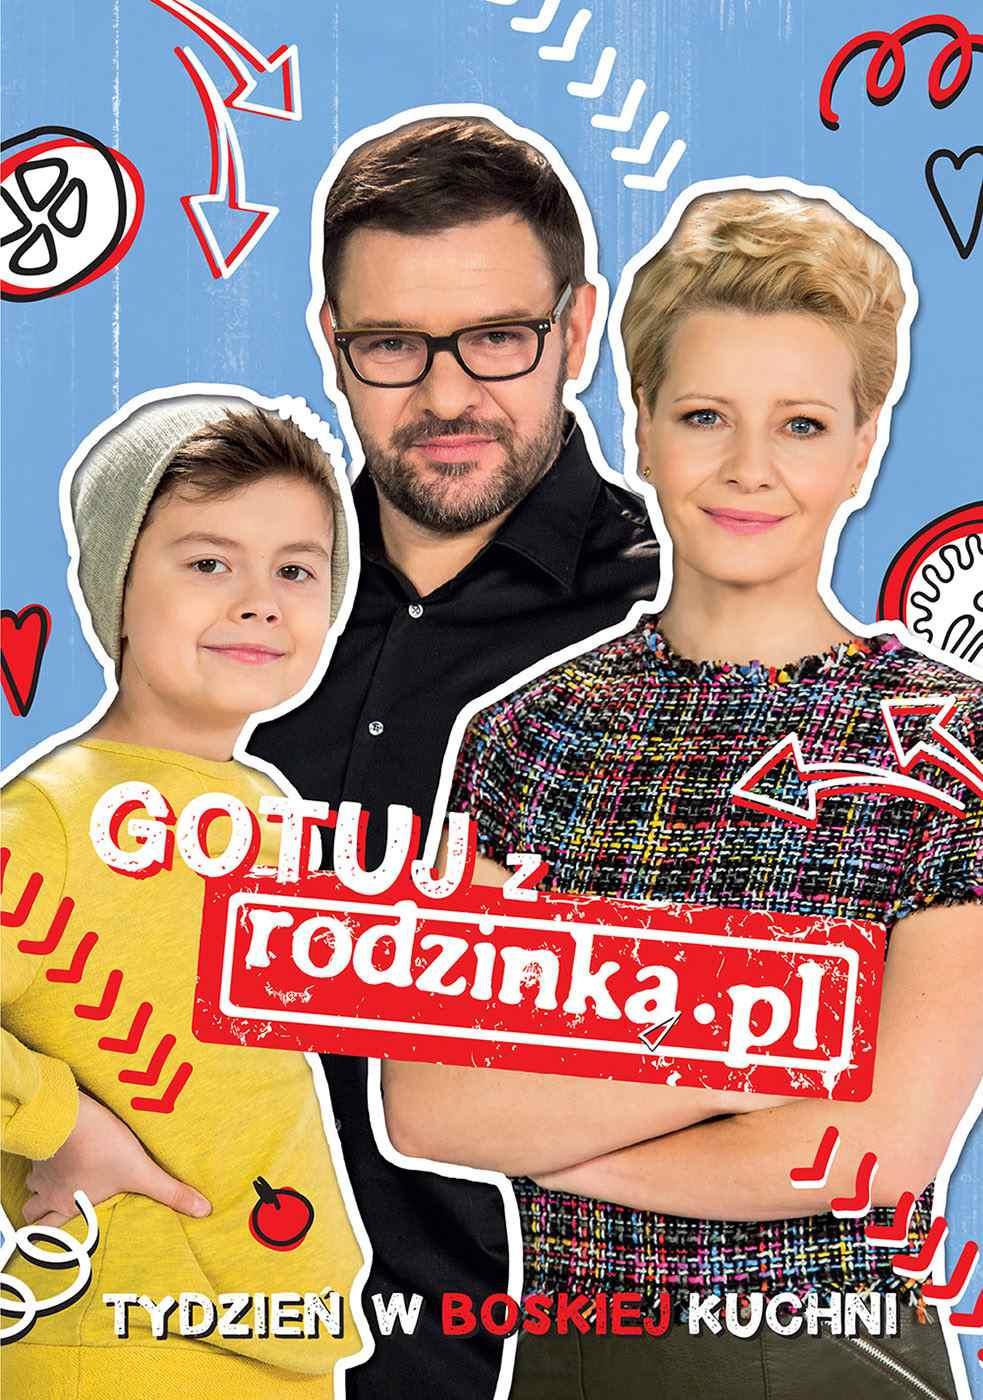 Gotuj z rodzinką.pl - Ebook (Książka EPUB) do pobrania w formacie EPUB